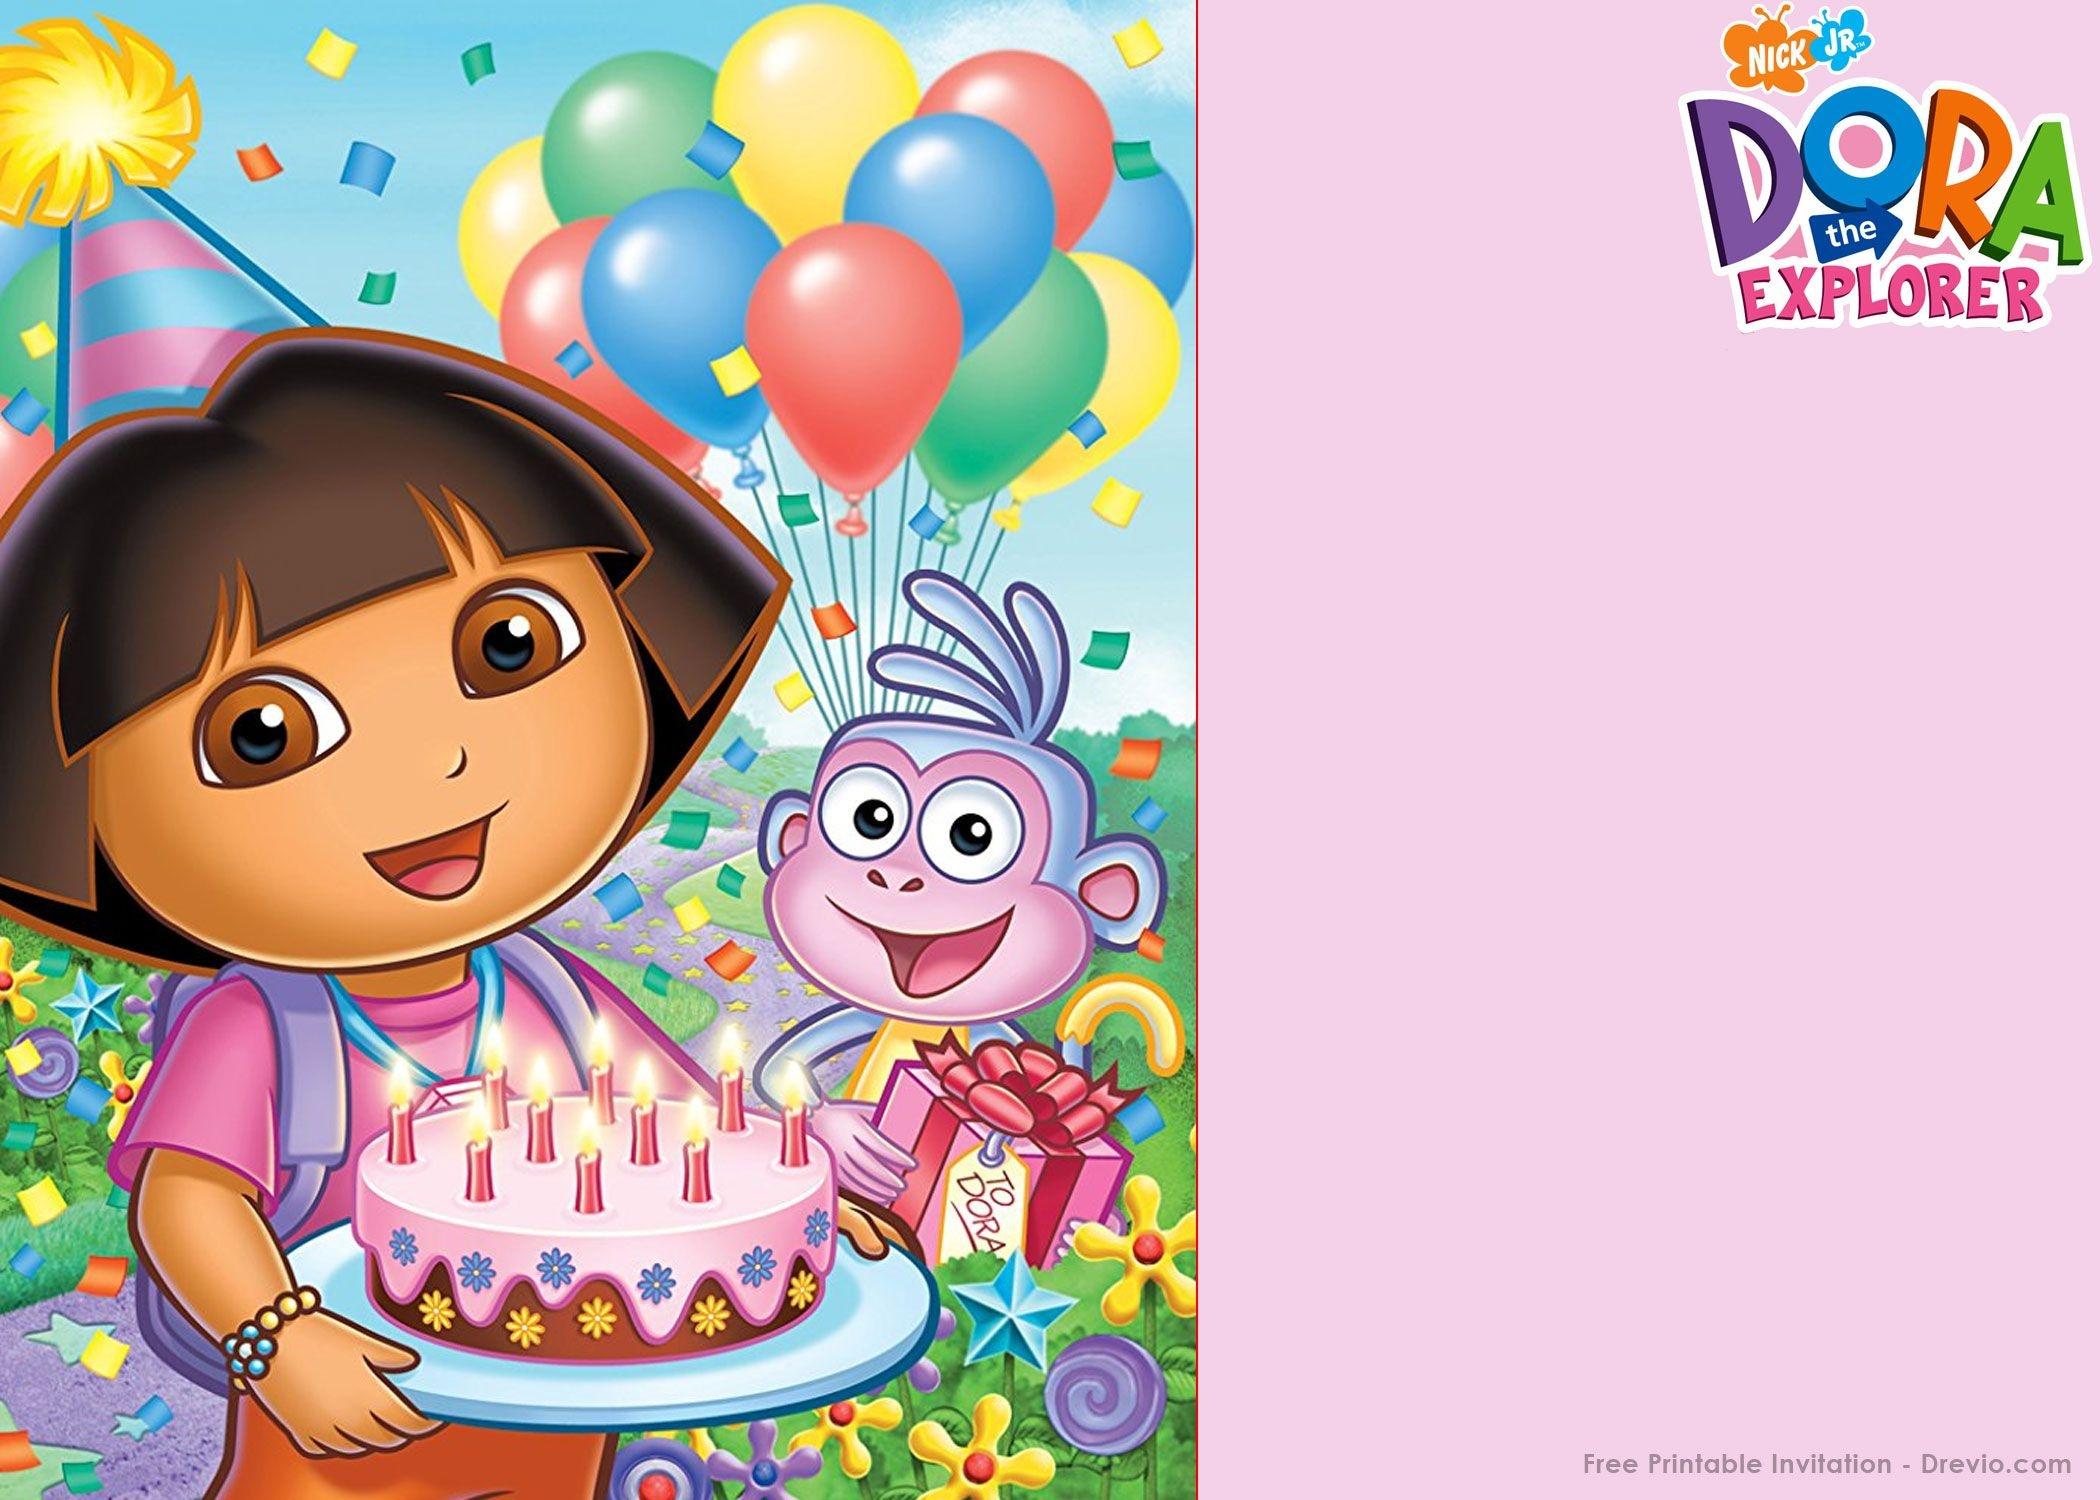 Free Printable Dora The Explorer Party Invitation | Birthday - Dora The Explorer Free Printable Invitations